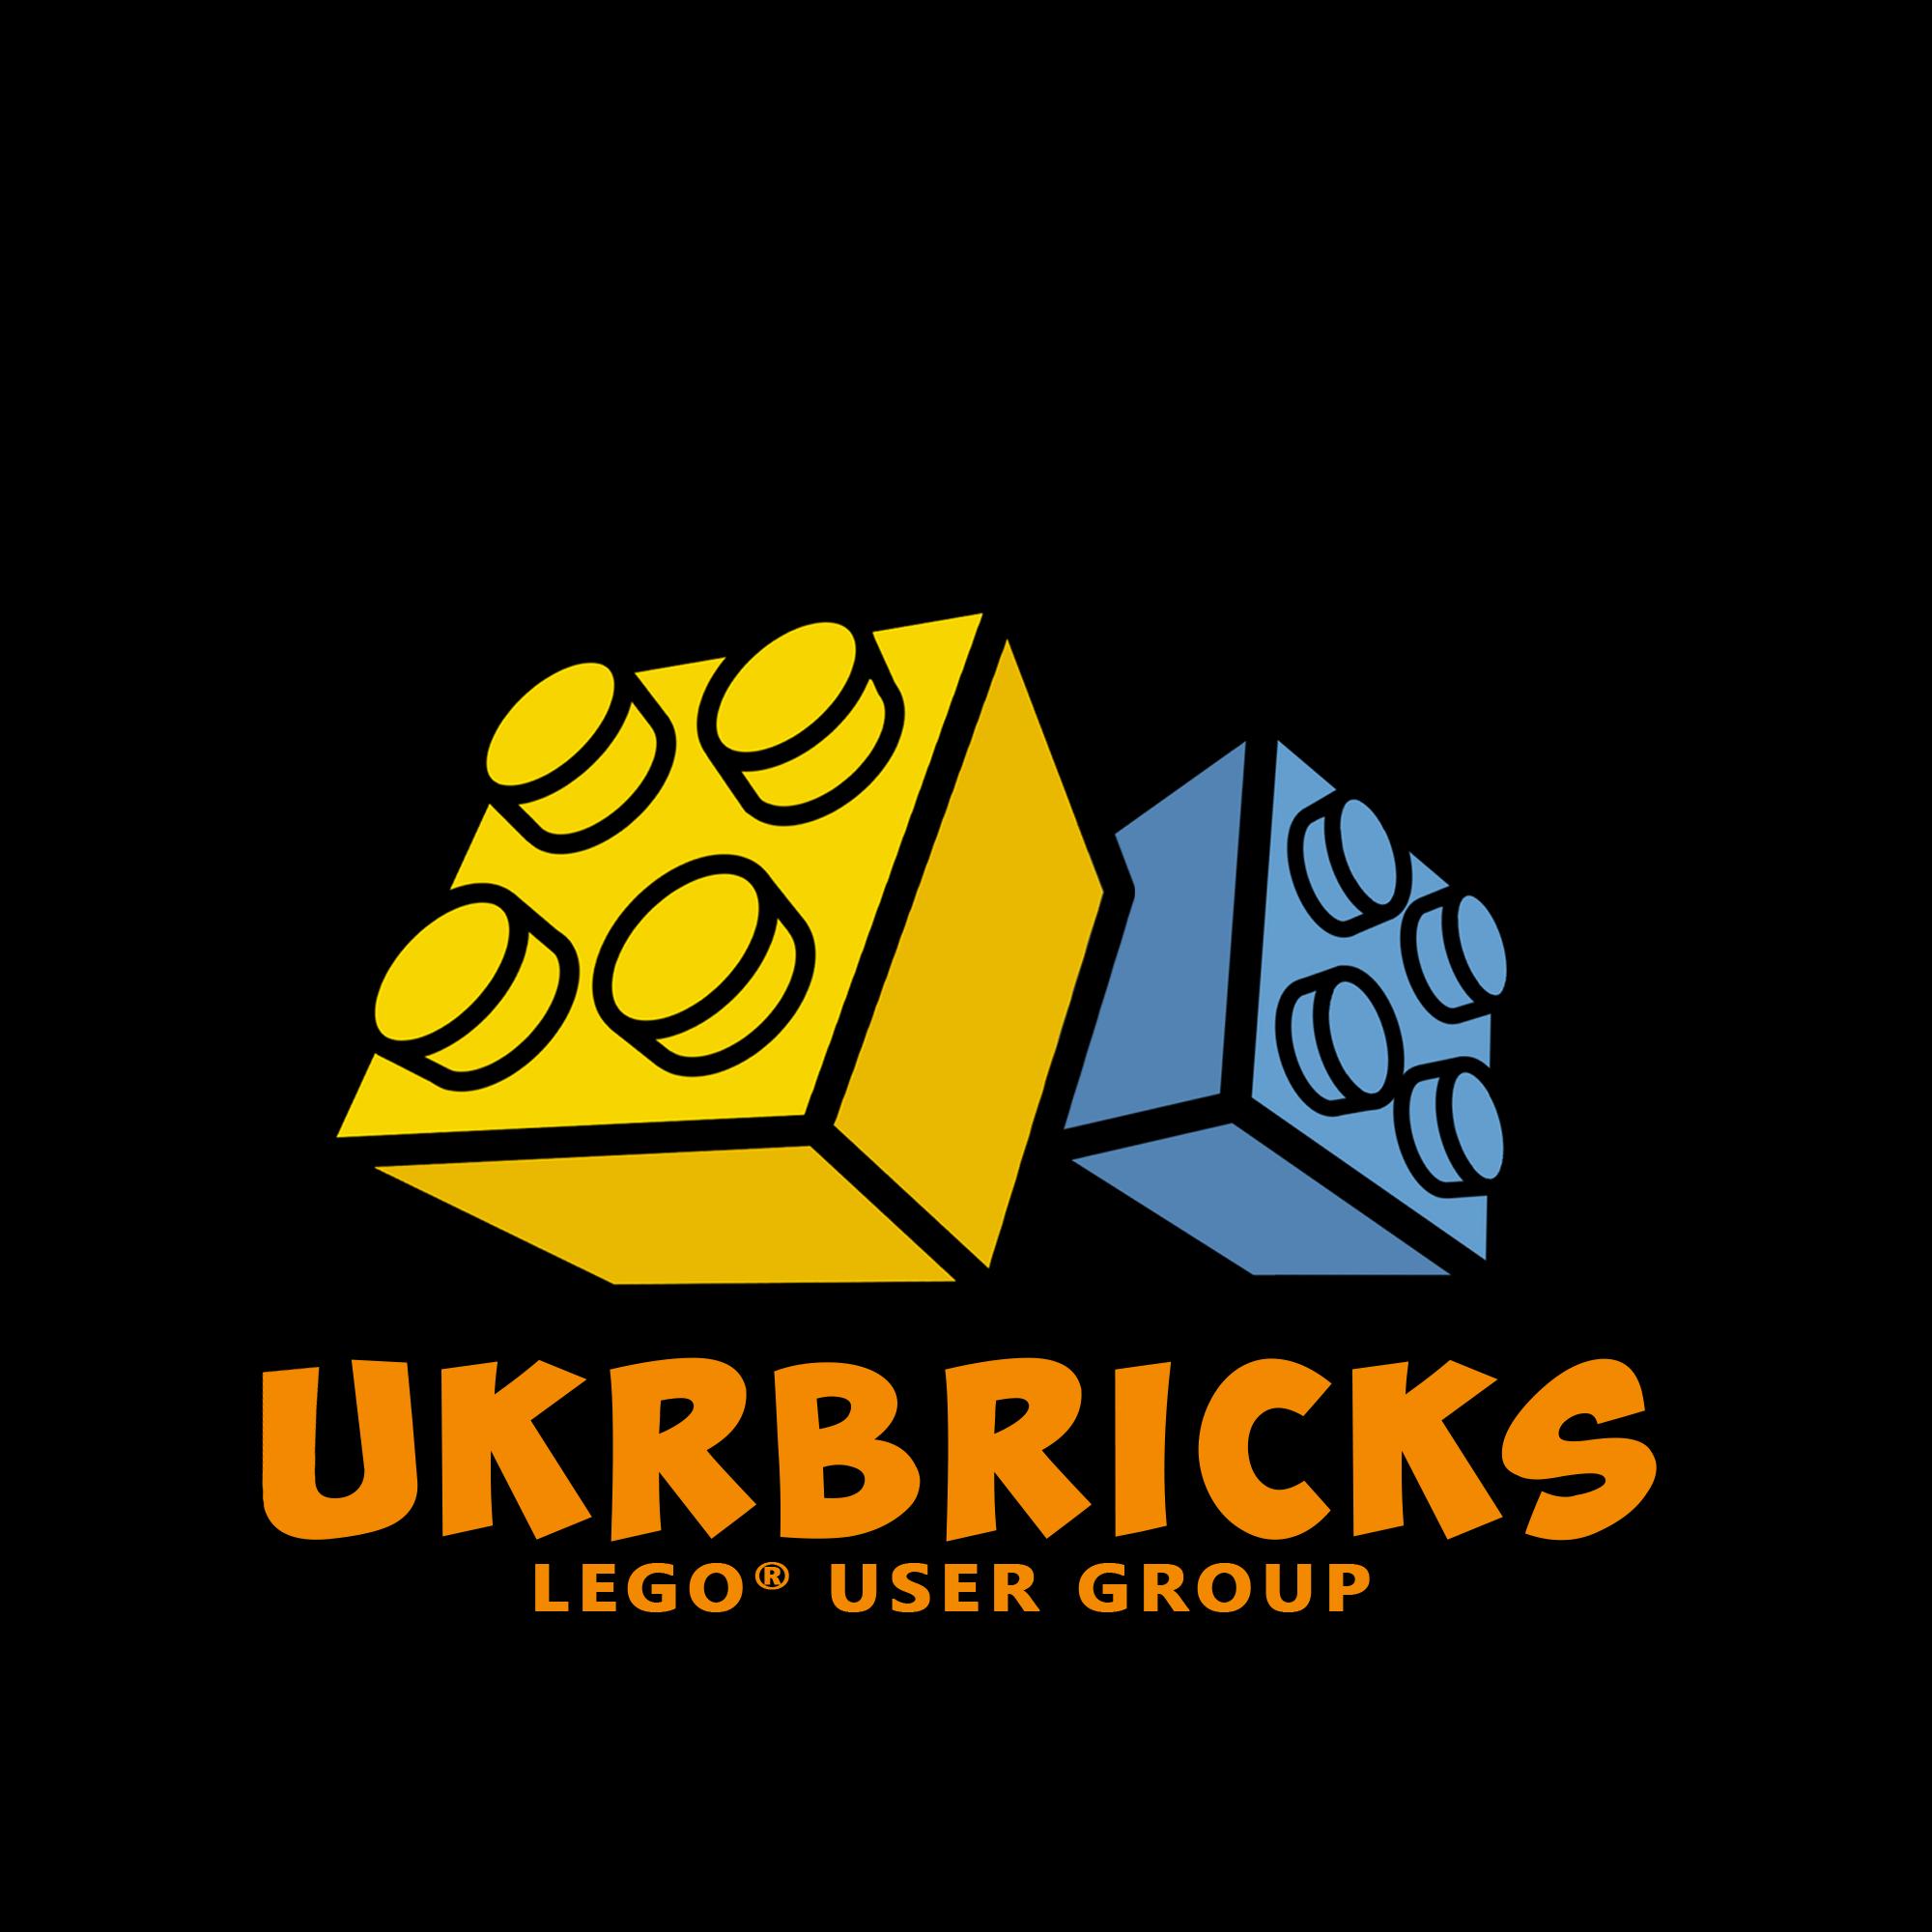 UkrBricks